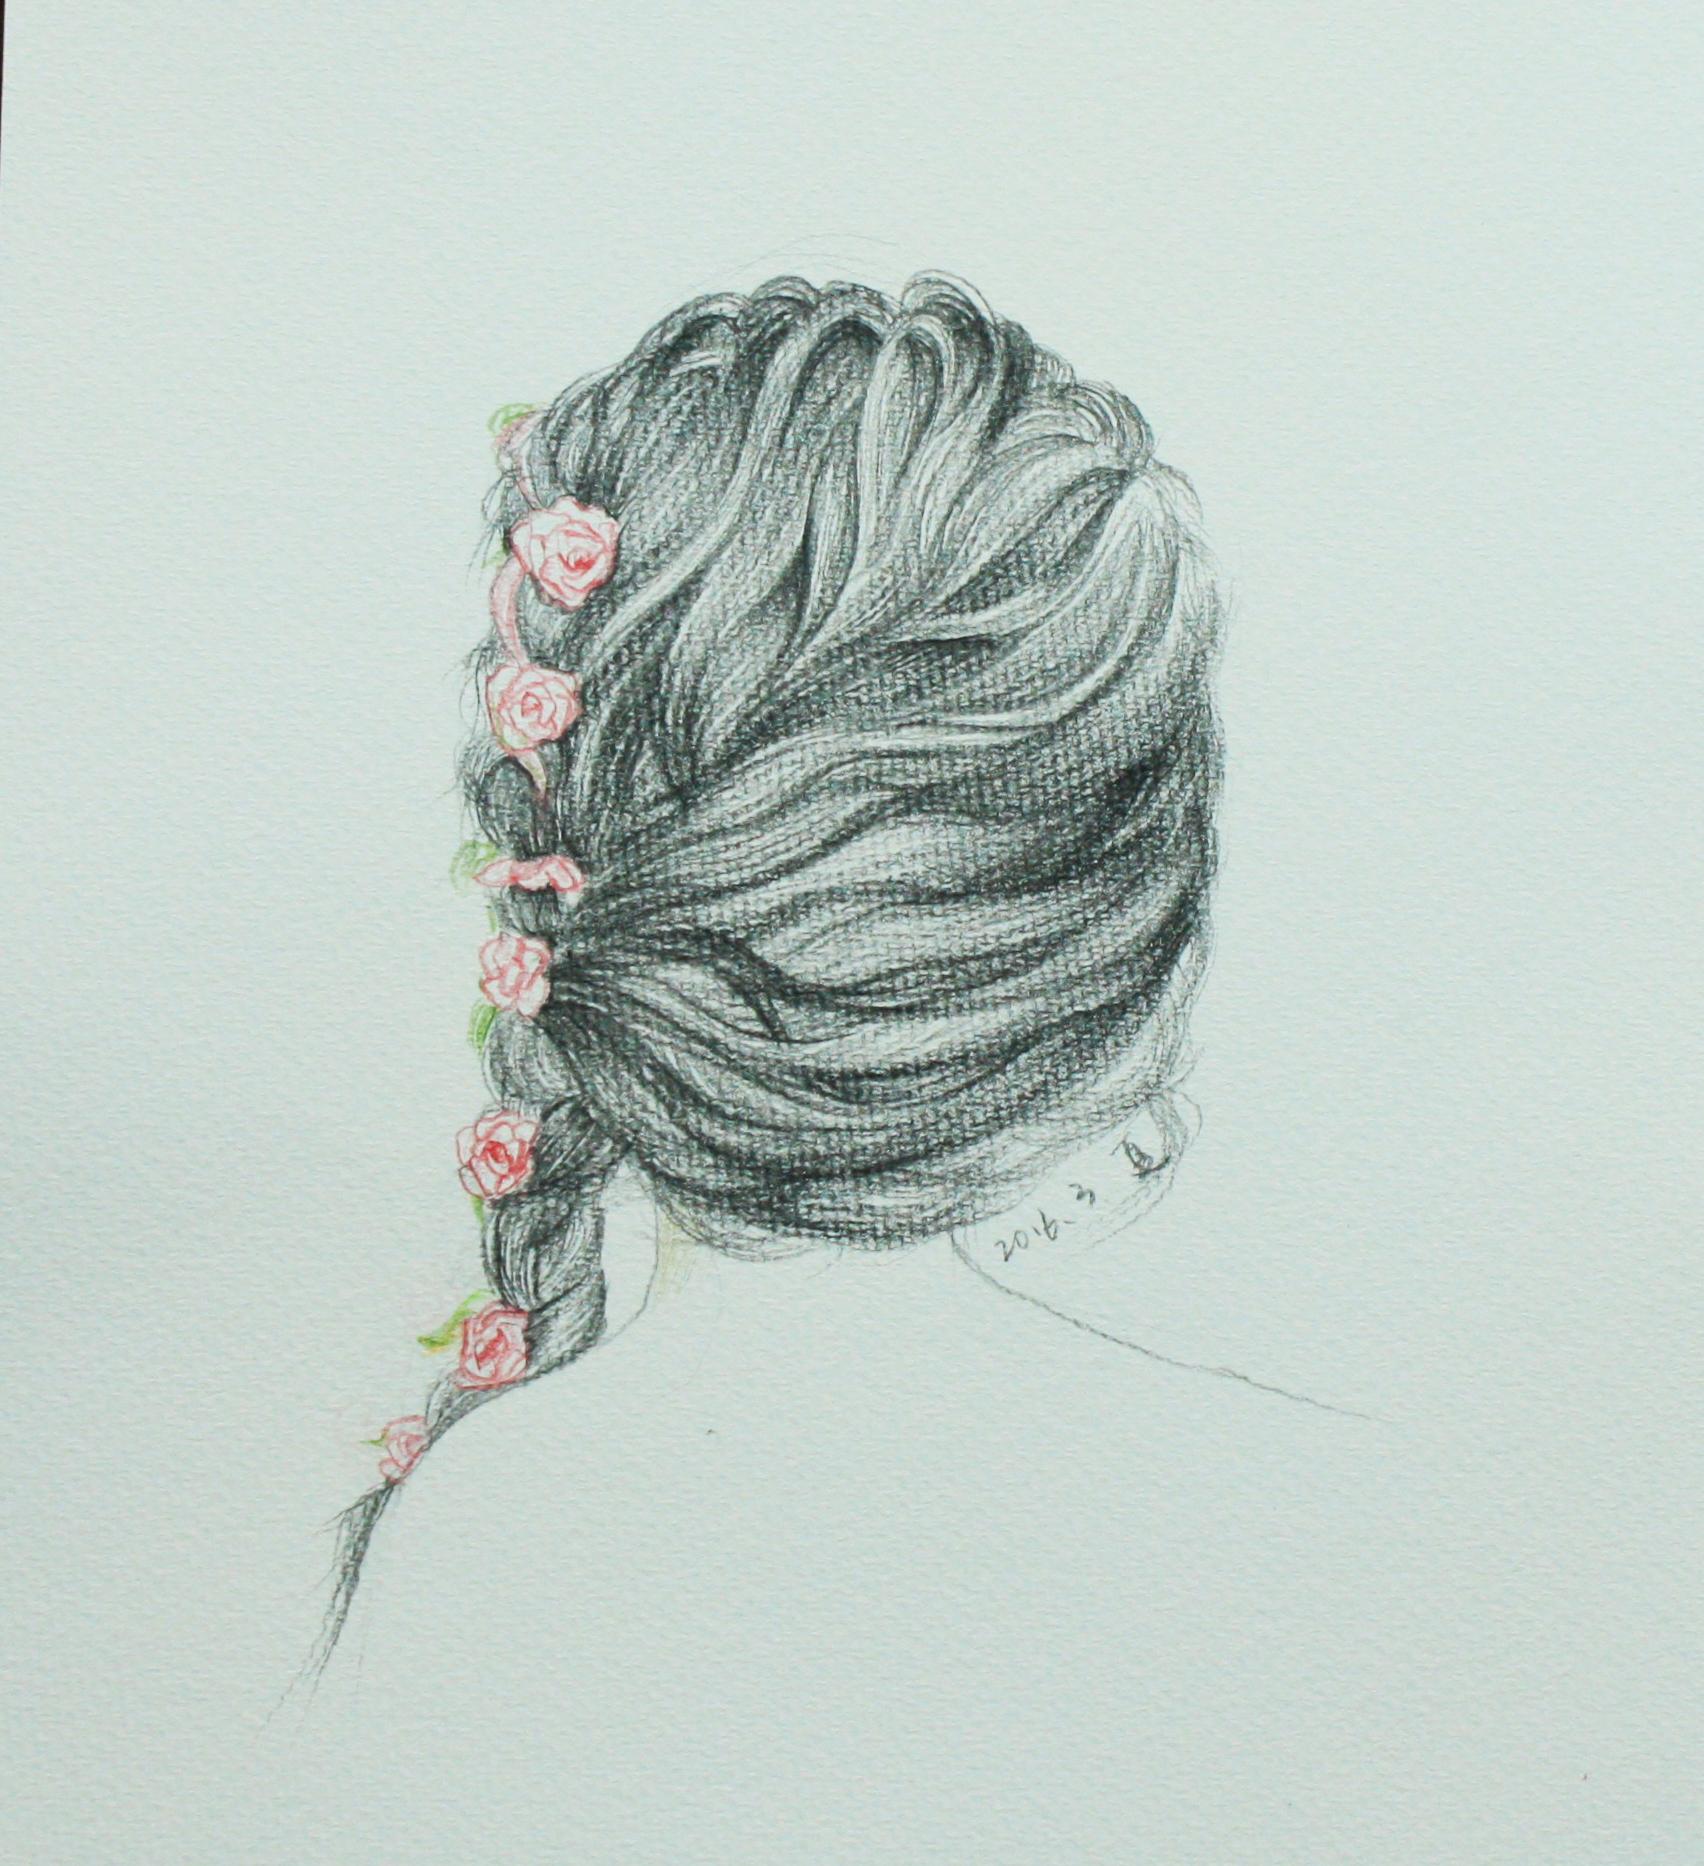 彩铅头发背影